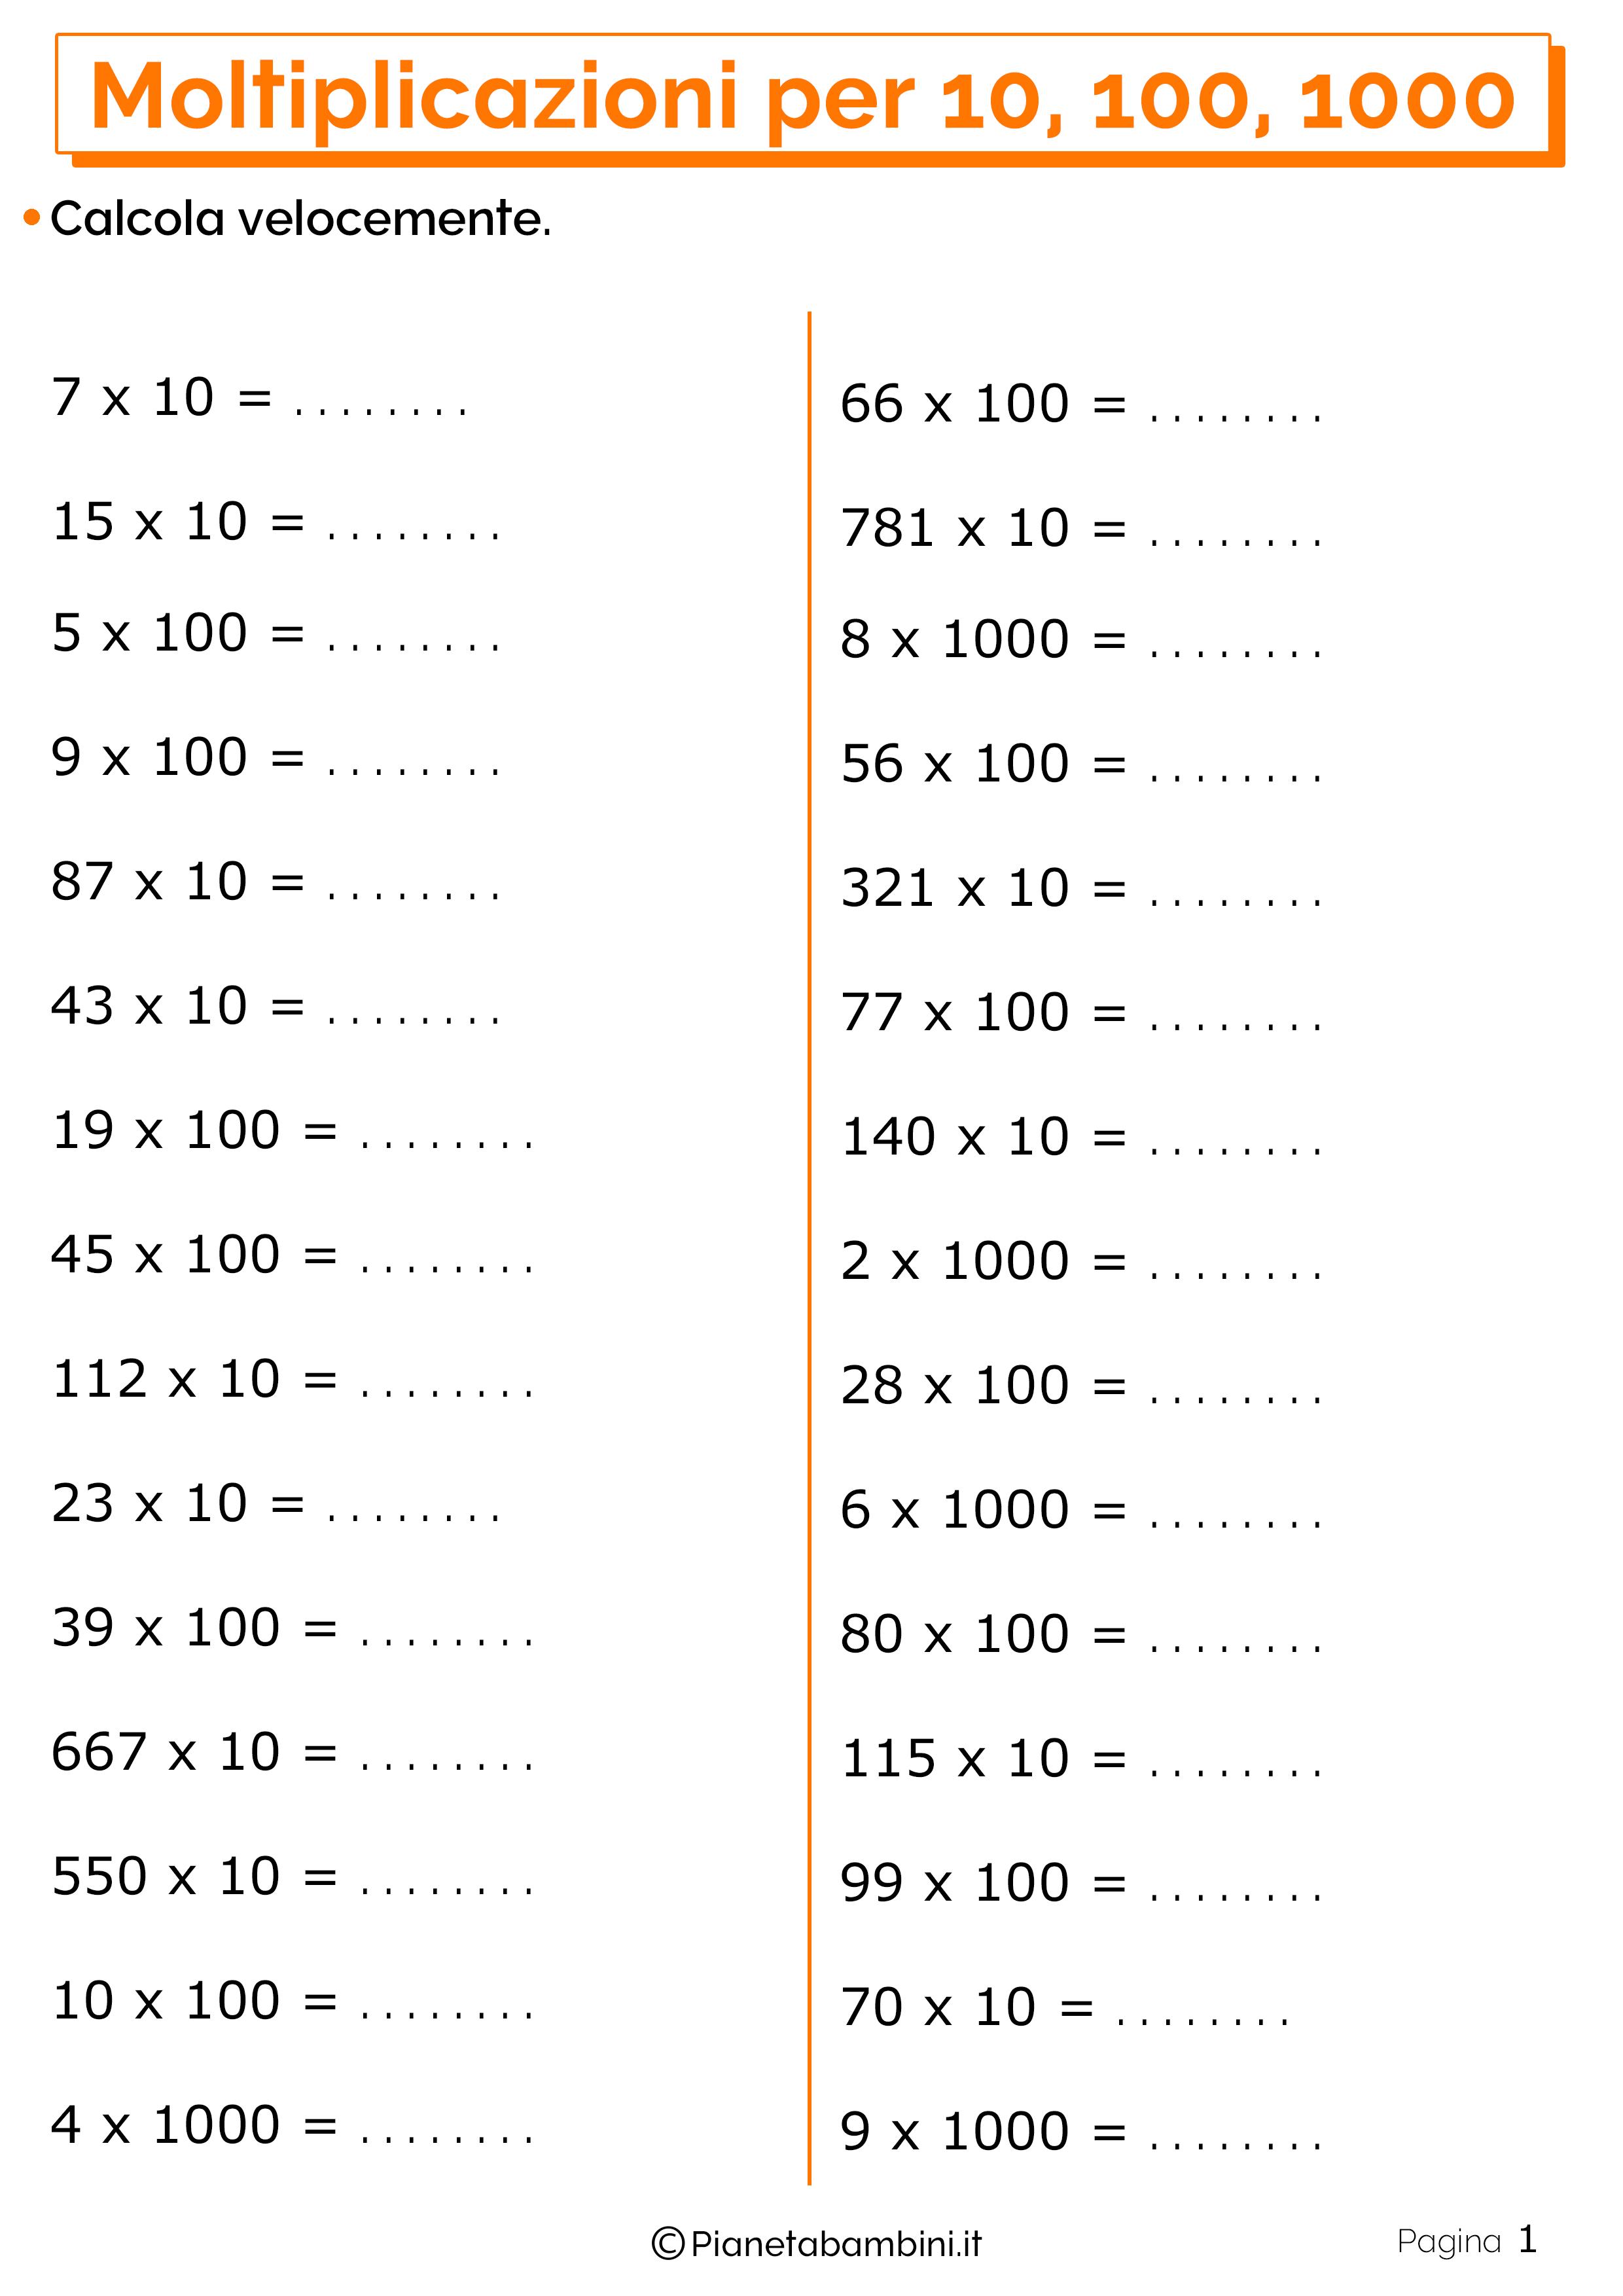 Schede didattiche moltiplicazioni 10 100 1000_1